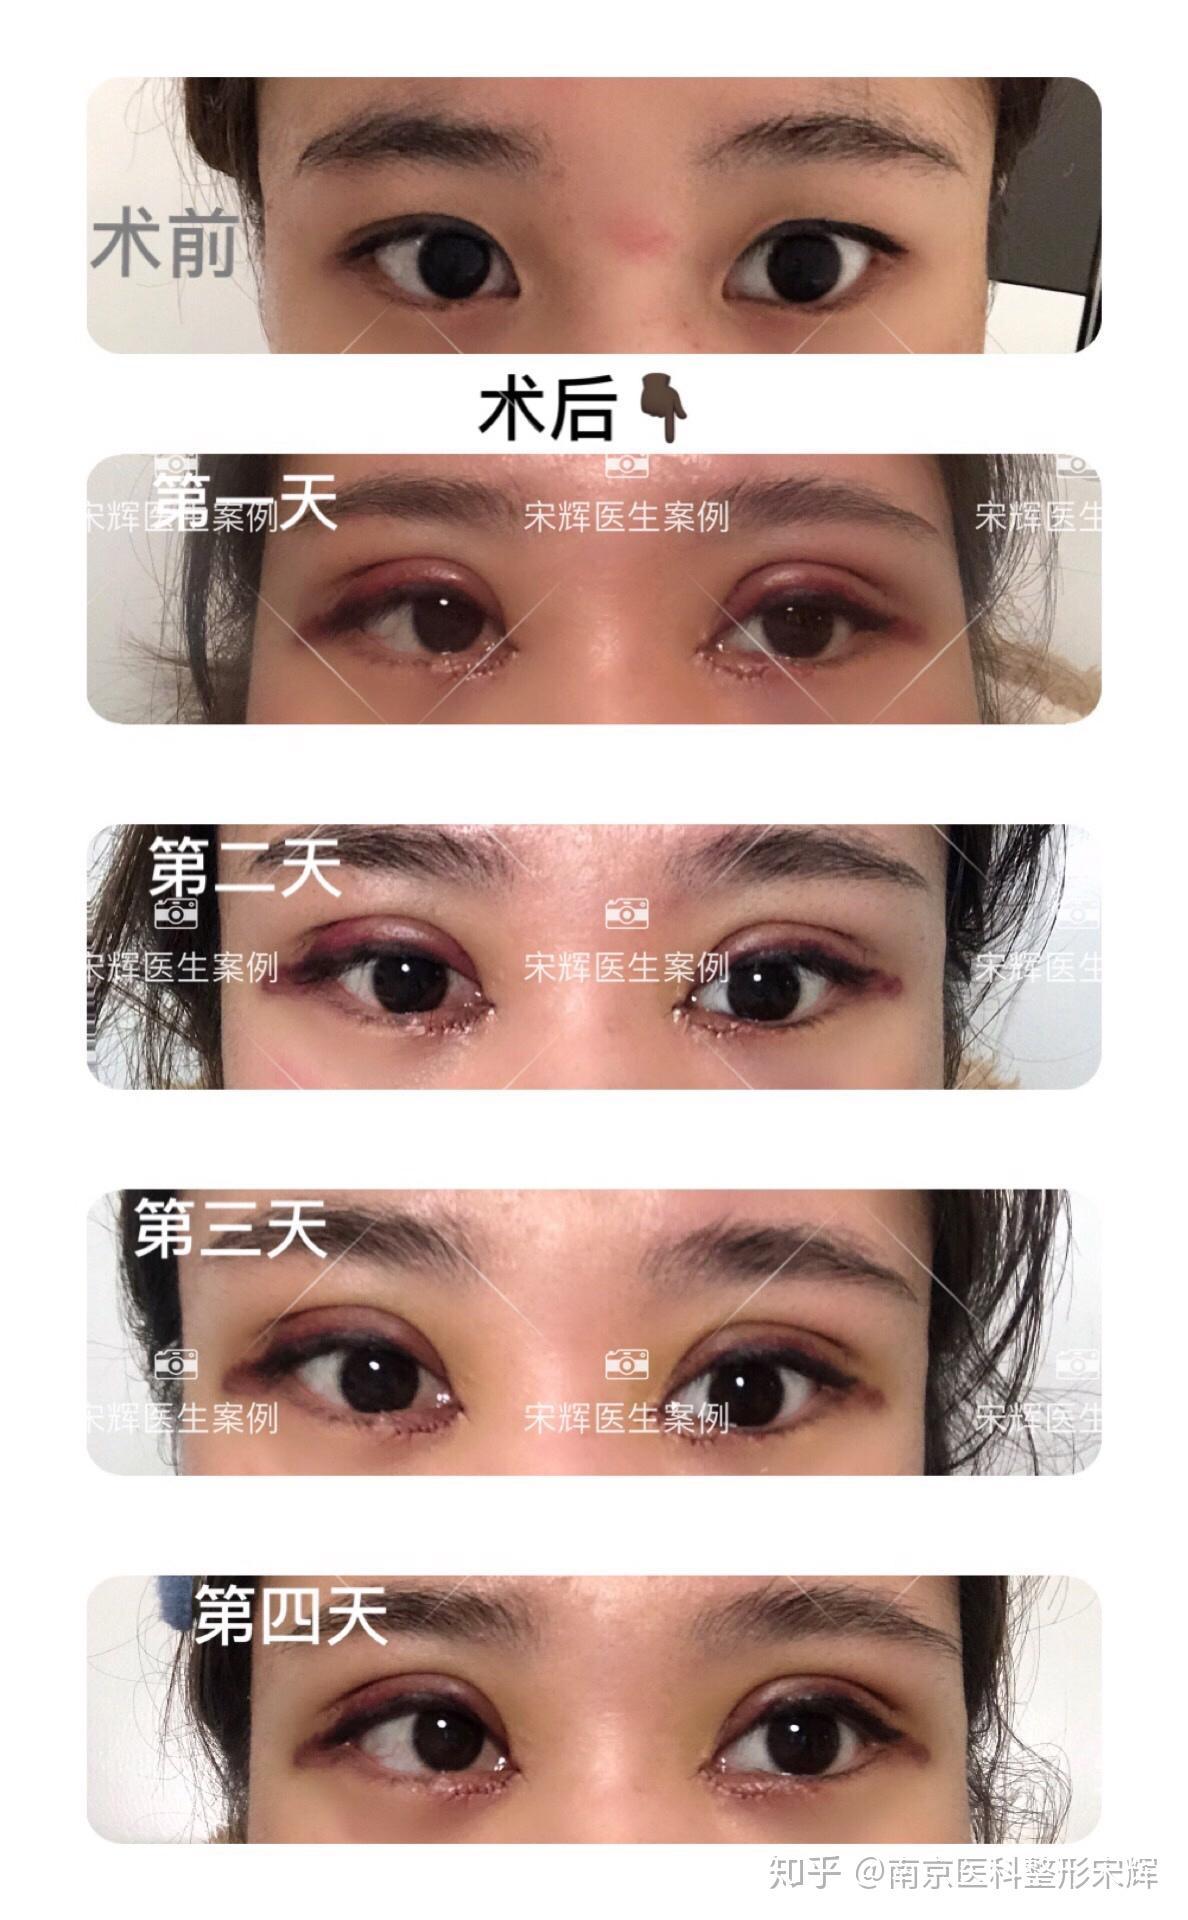 曹海峰专家咨询 - 南京华美医疗整形美容医院 -